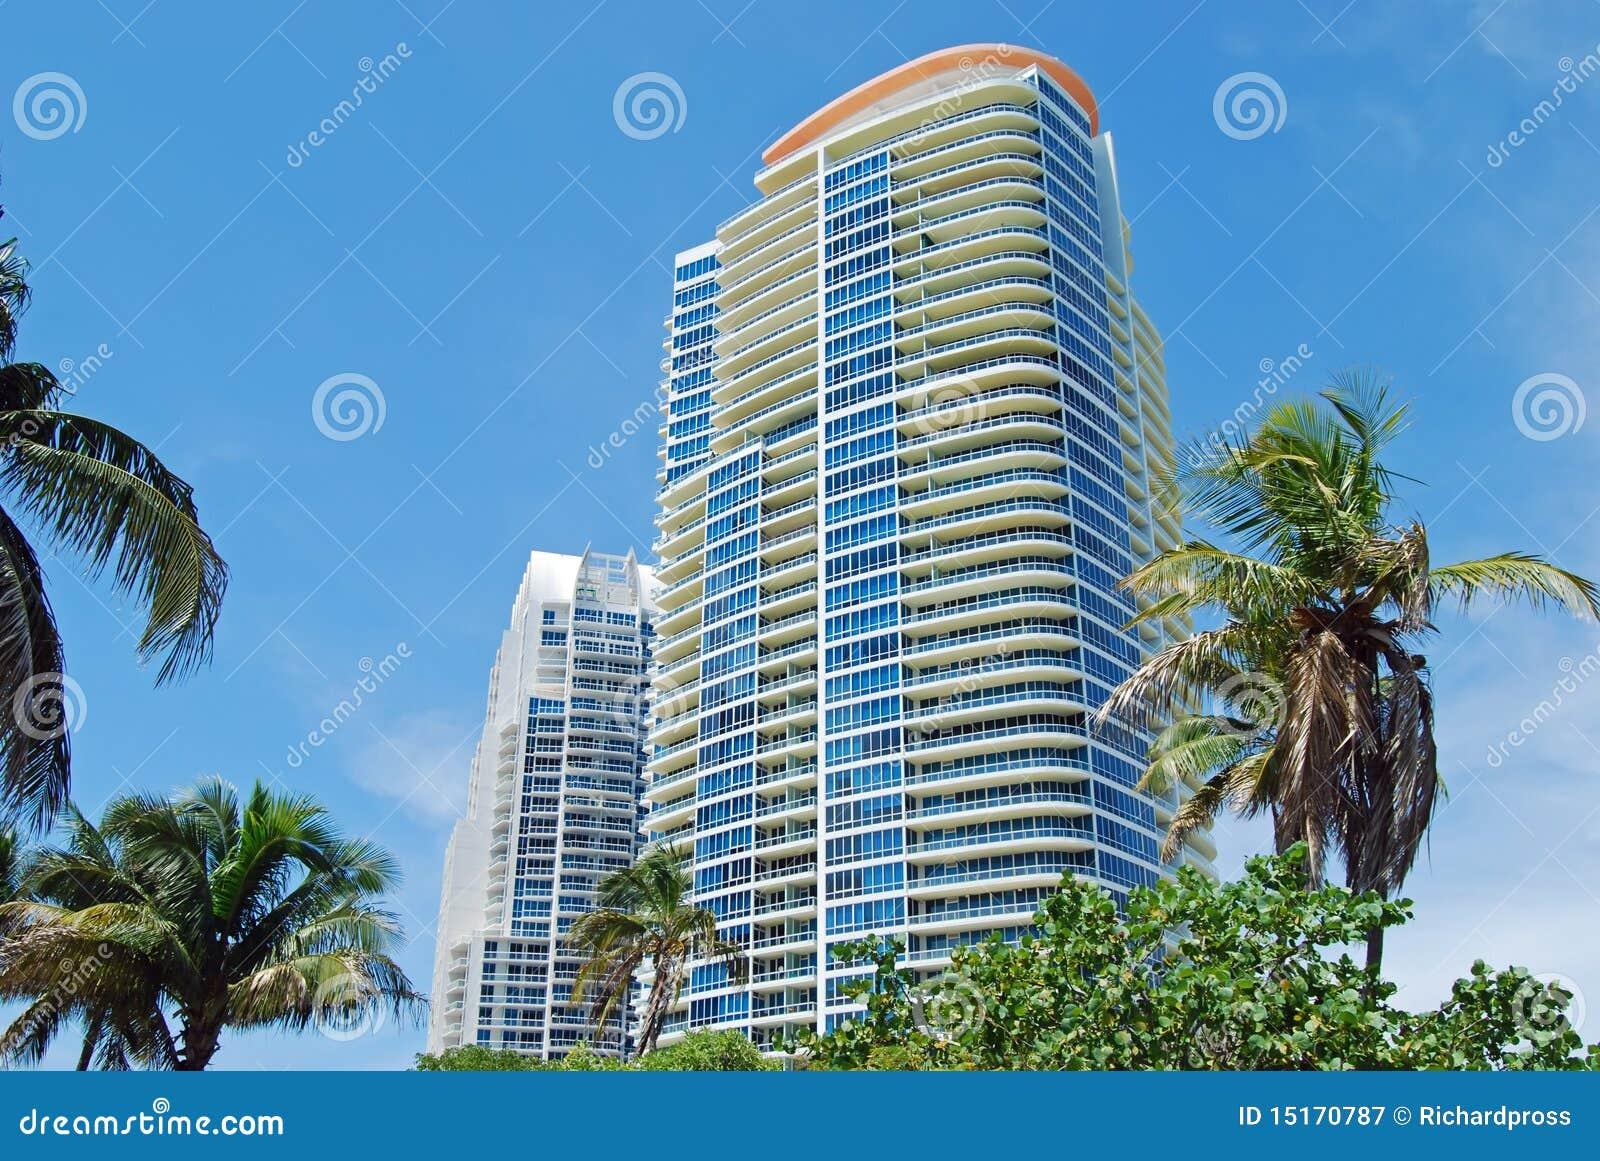 Miami Beach Luxury Condo Towers